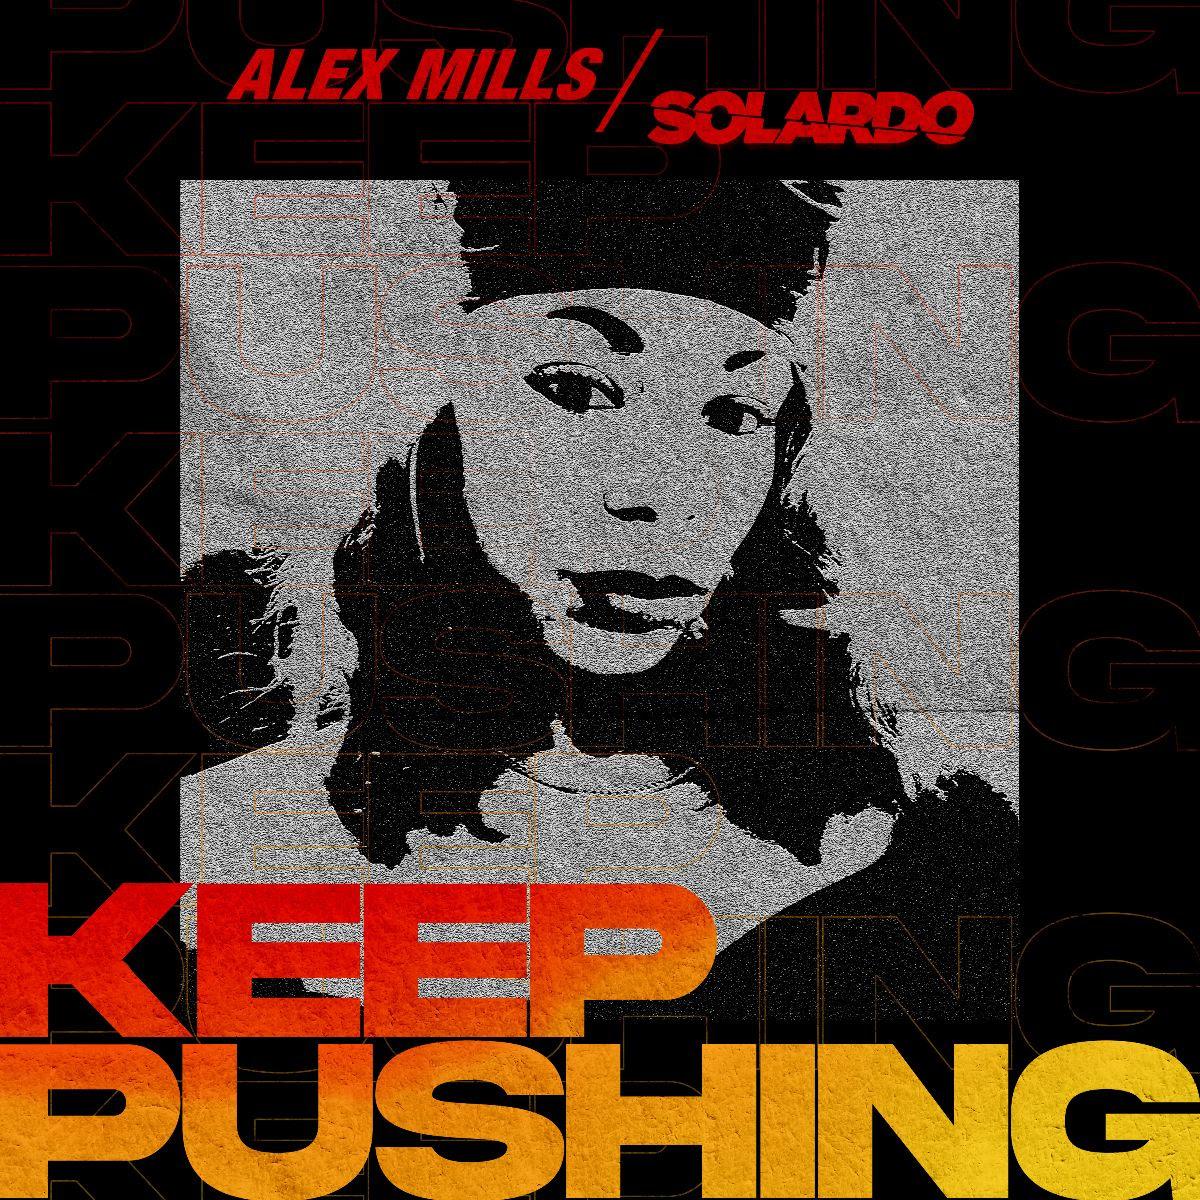 Alex Mills Keep Pushing